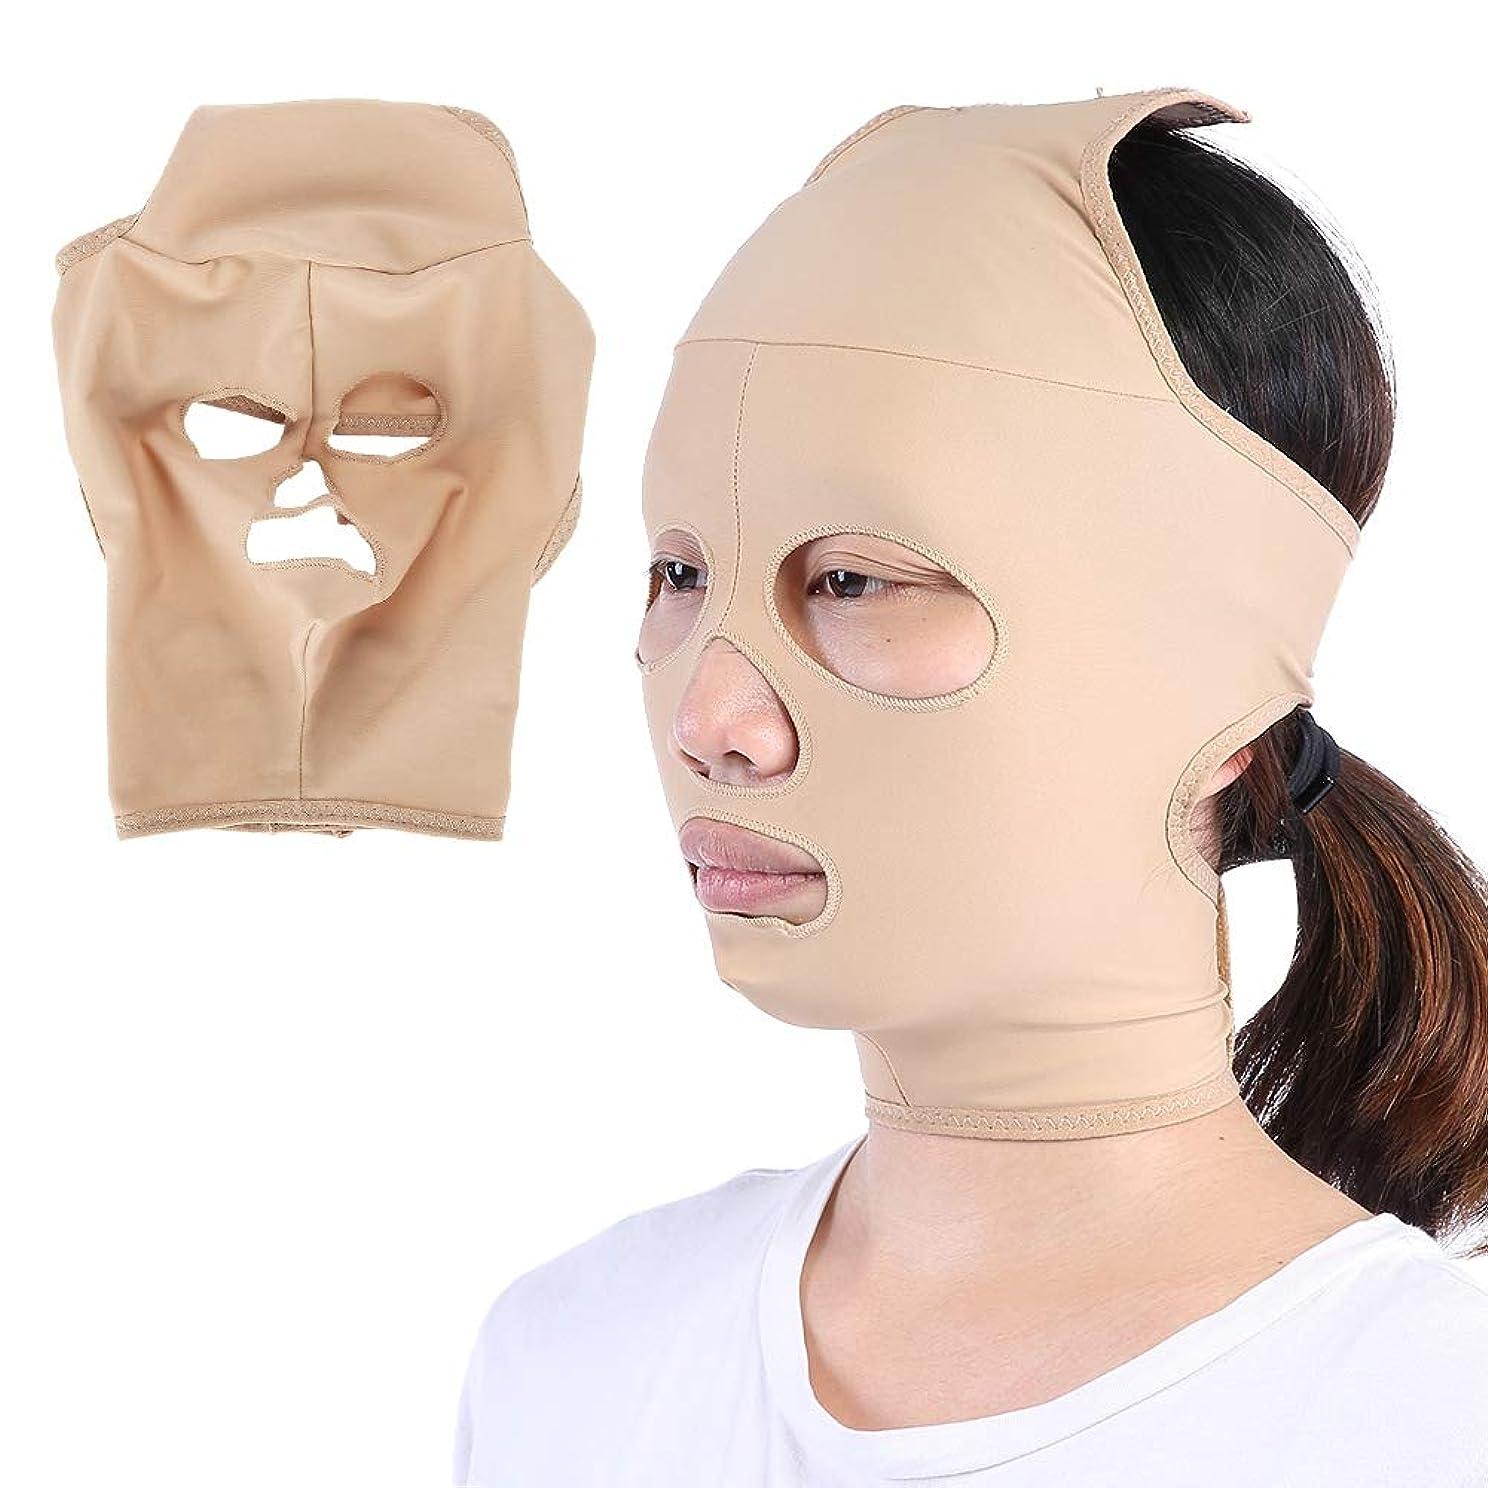 薄いですまだ噴出する顔の减量のベルト、完全なカバレッジ 顔のVラインを向上させる 二重顎を減らす二重顎、スキンケア包帯(S)